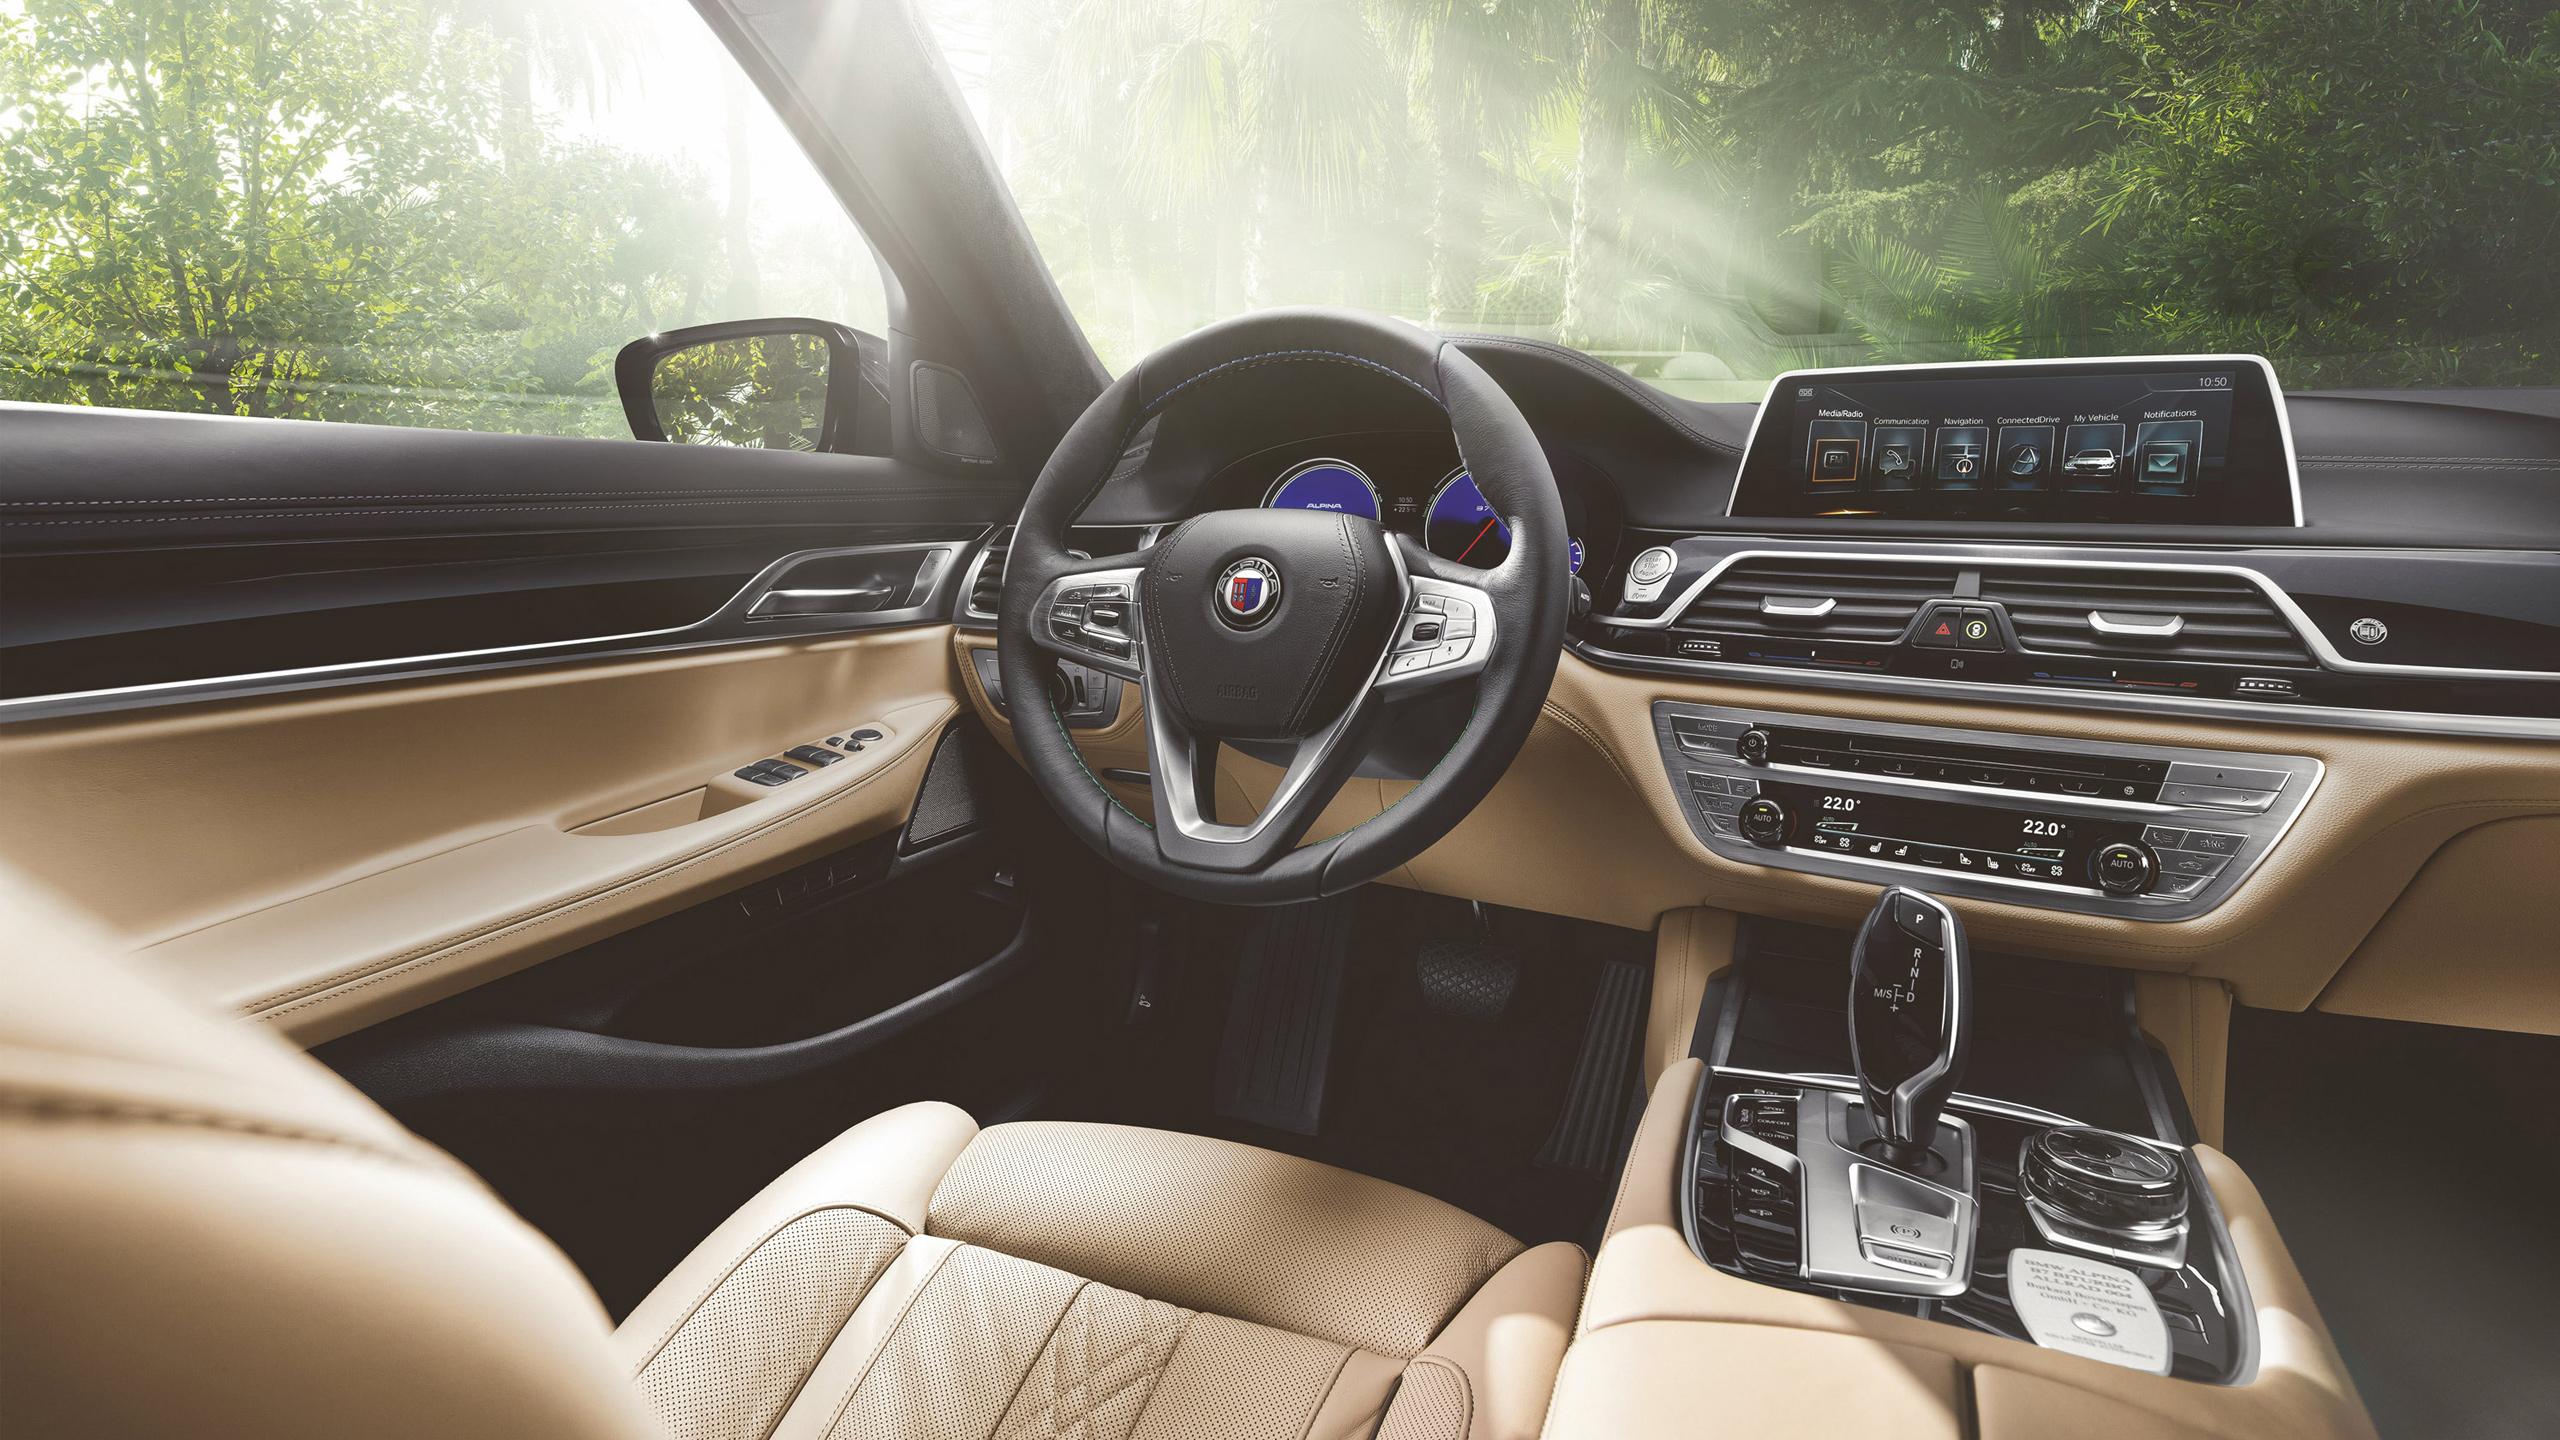 2016 BMW Alpina B7 Bi Turbo Sedan Interior Wallpaper HD Car 2560x1440